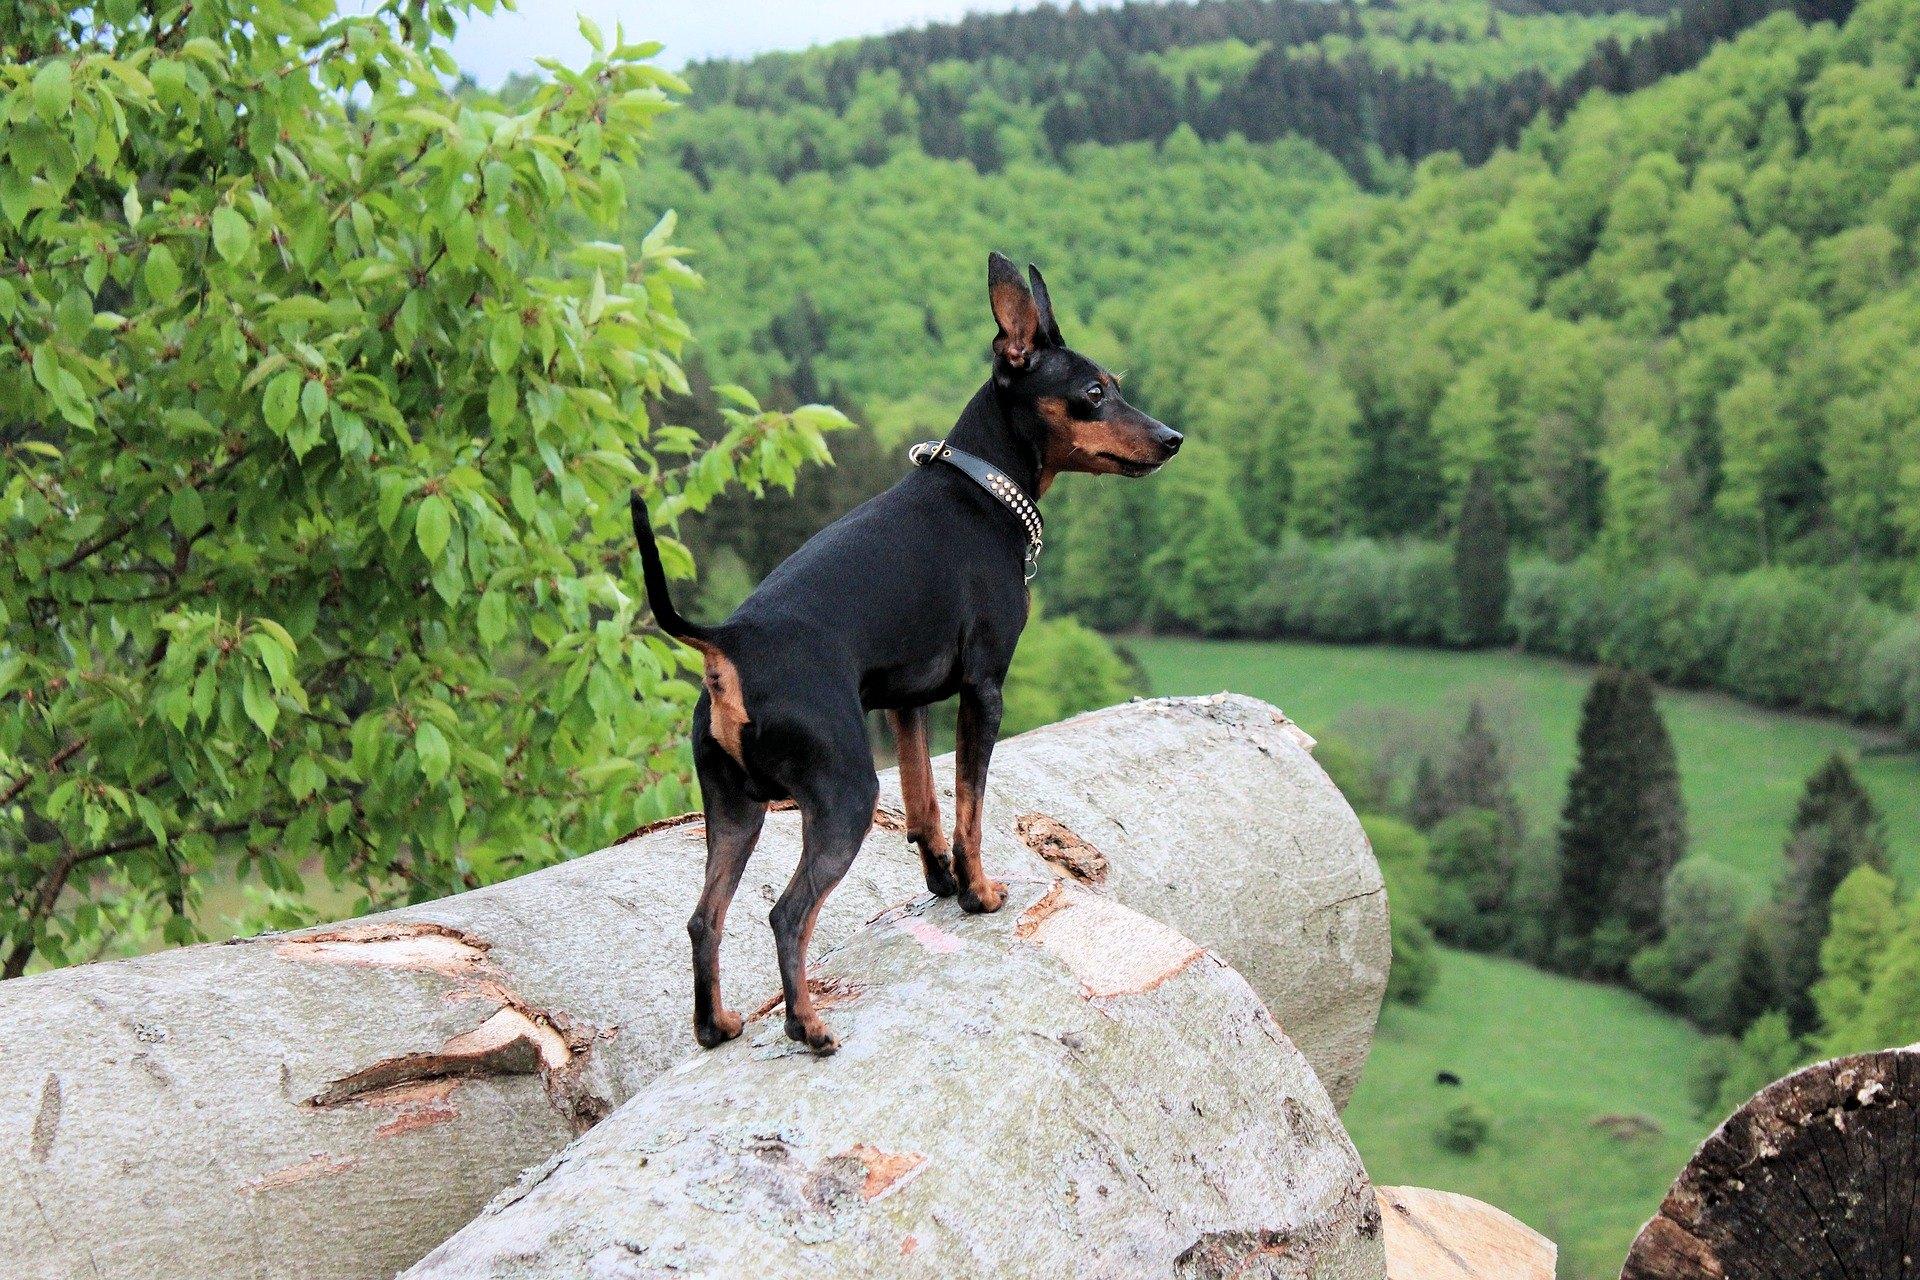 Miniatúrny pinč, všeobecne známy ako ratlík, je malý, aktívny a energický pes.